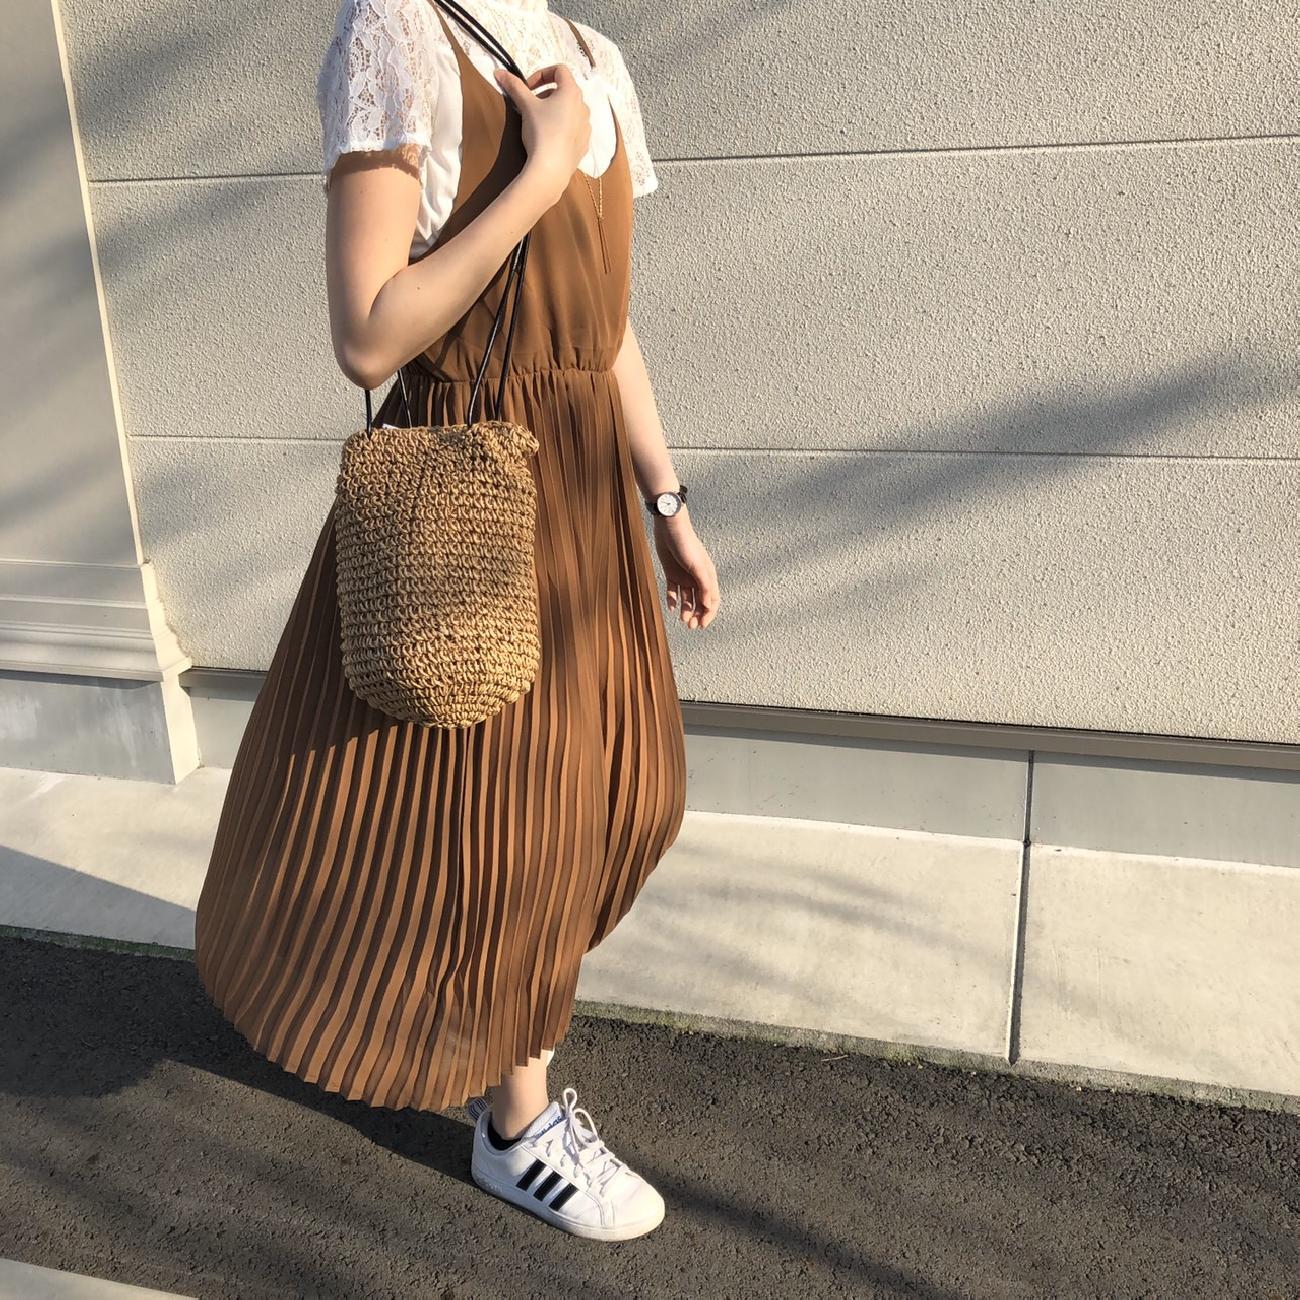 夏/夏コーデ/コーディネート/ファッション/服/お出かけ/お洒落/大人可愛い